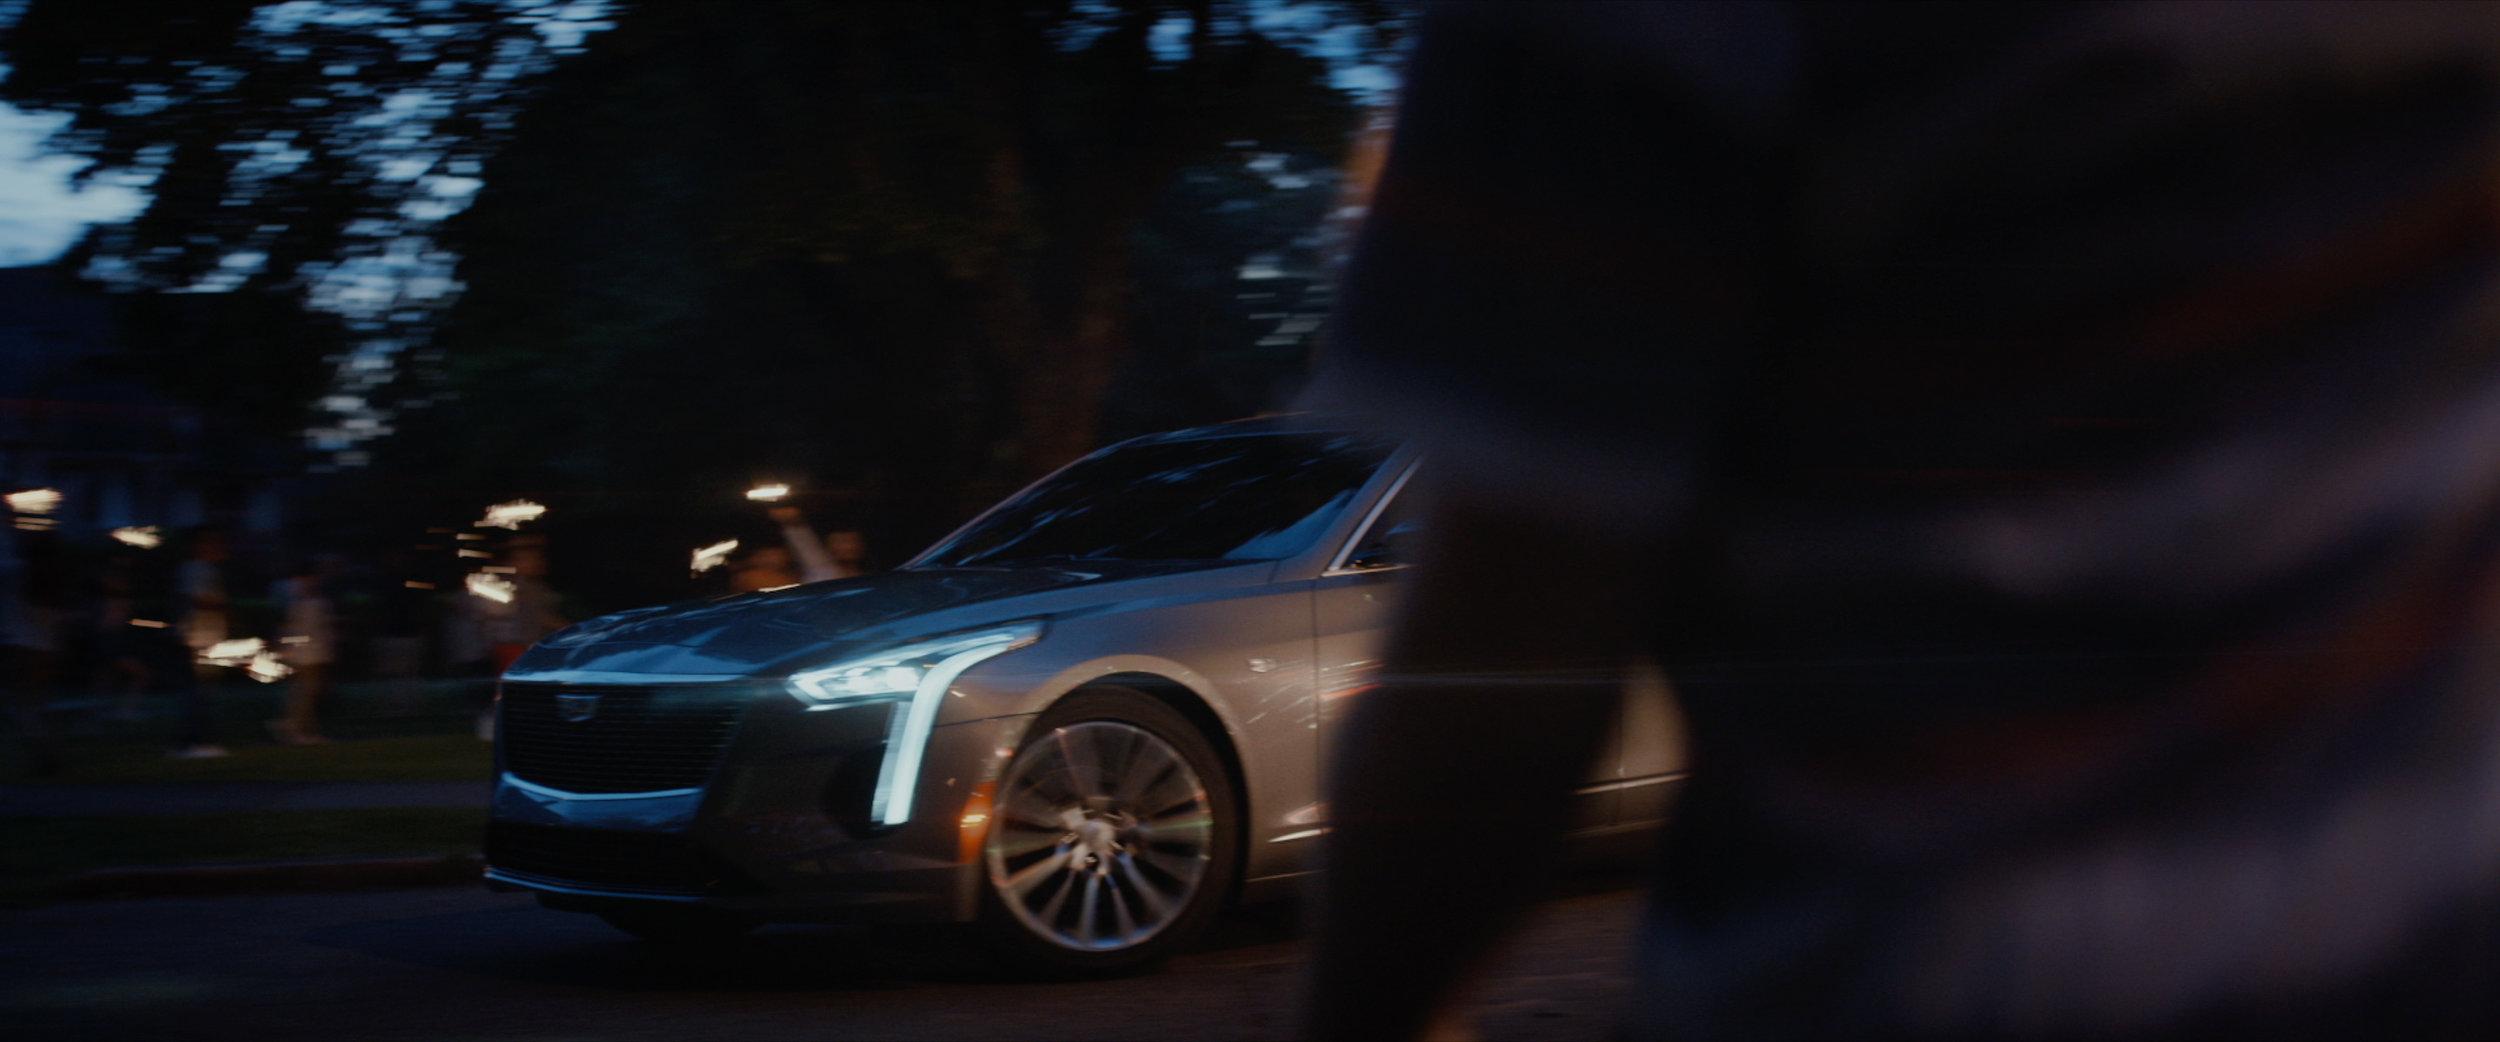 Cadillac_12.jpg